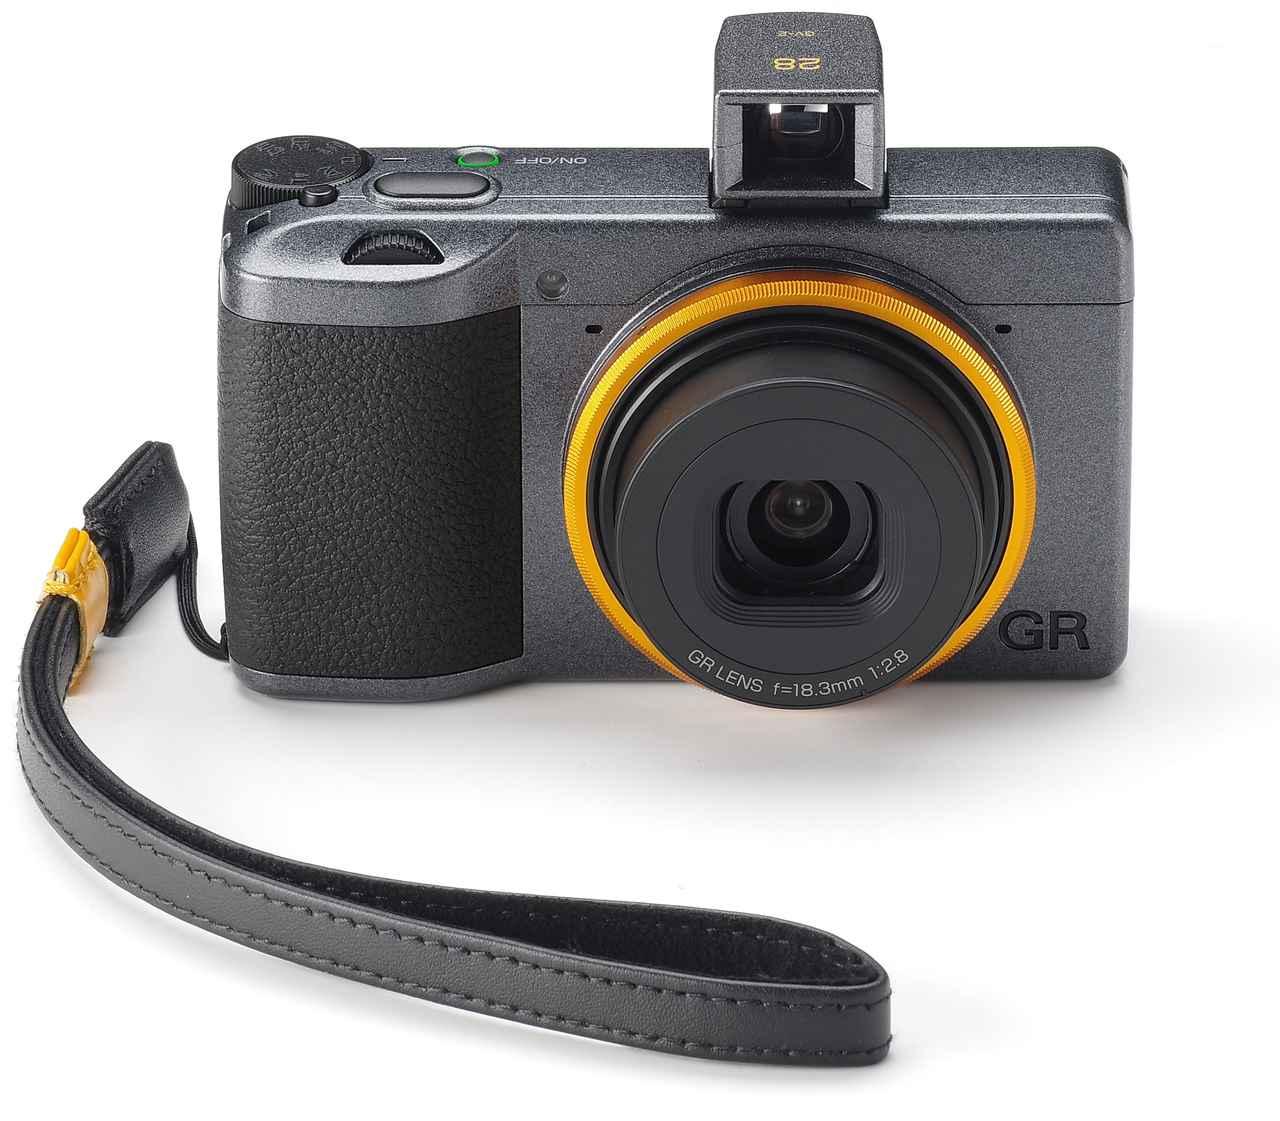 画像: 山吹色のリングキャップに専用本革ストラップ、専用外部ミニファインダーを装着したRICOH GR III Street Edition